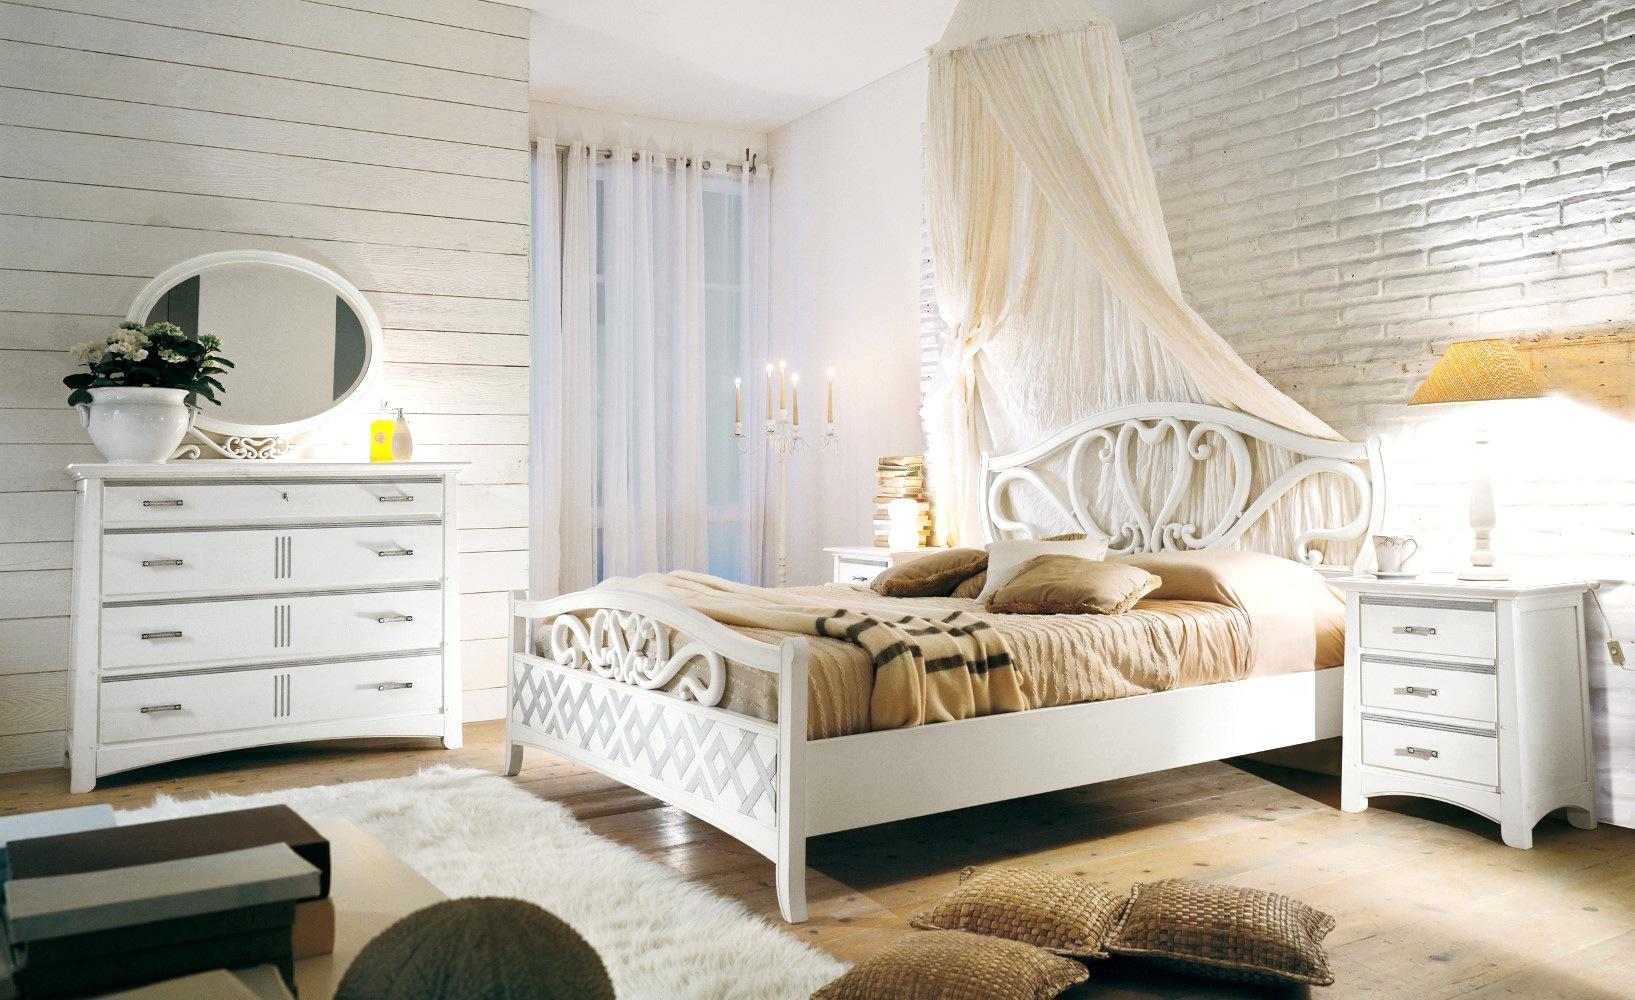 Schöne Wohnideen Schlafzimmer Ausgezeichnet On In Uncategorized Schone Uncategorizeds 9